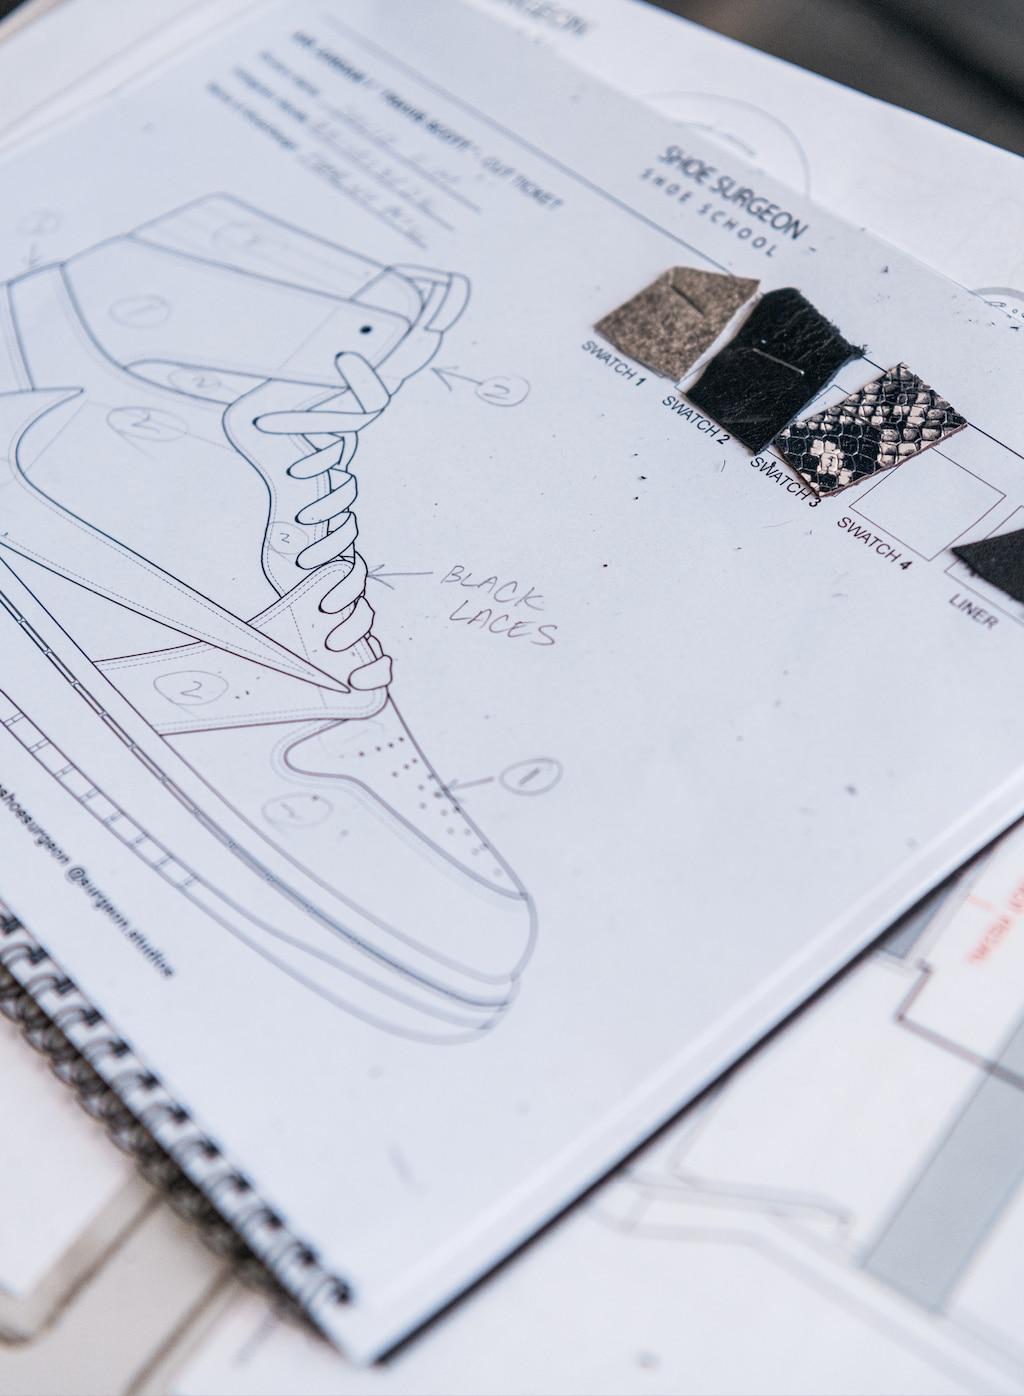 Un cuaderno de espiral abierto en una página con el diagrama de unos tenis.